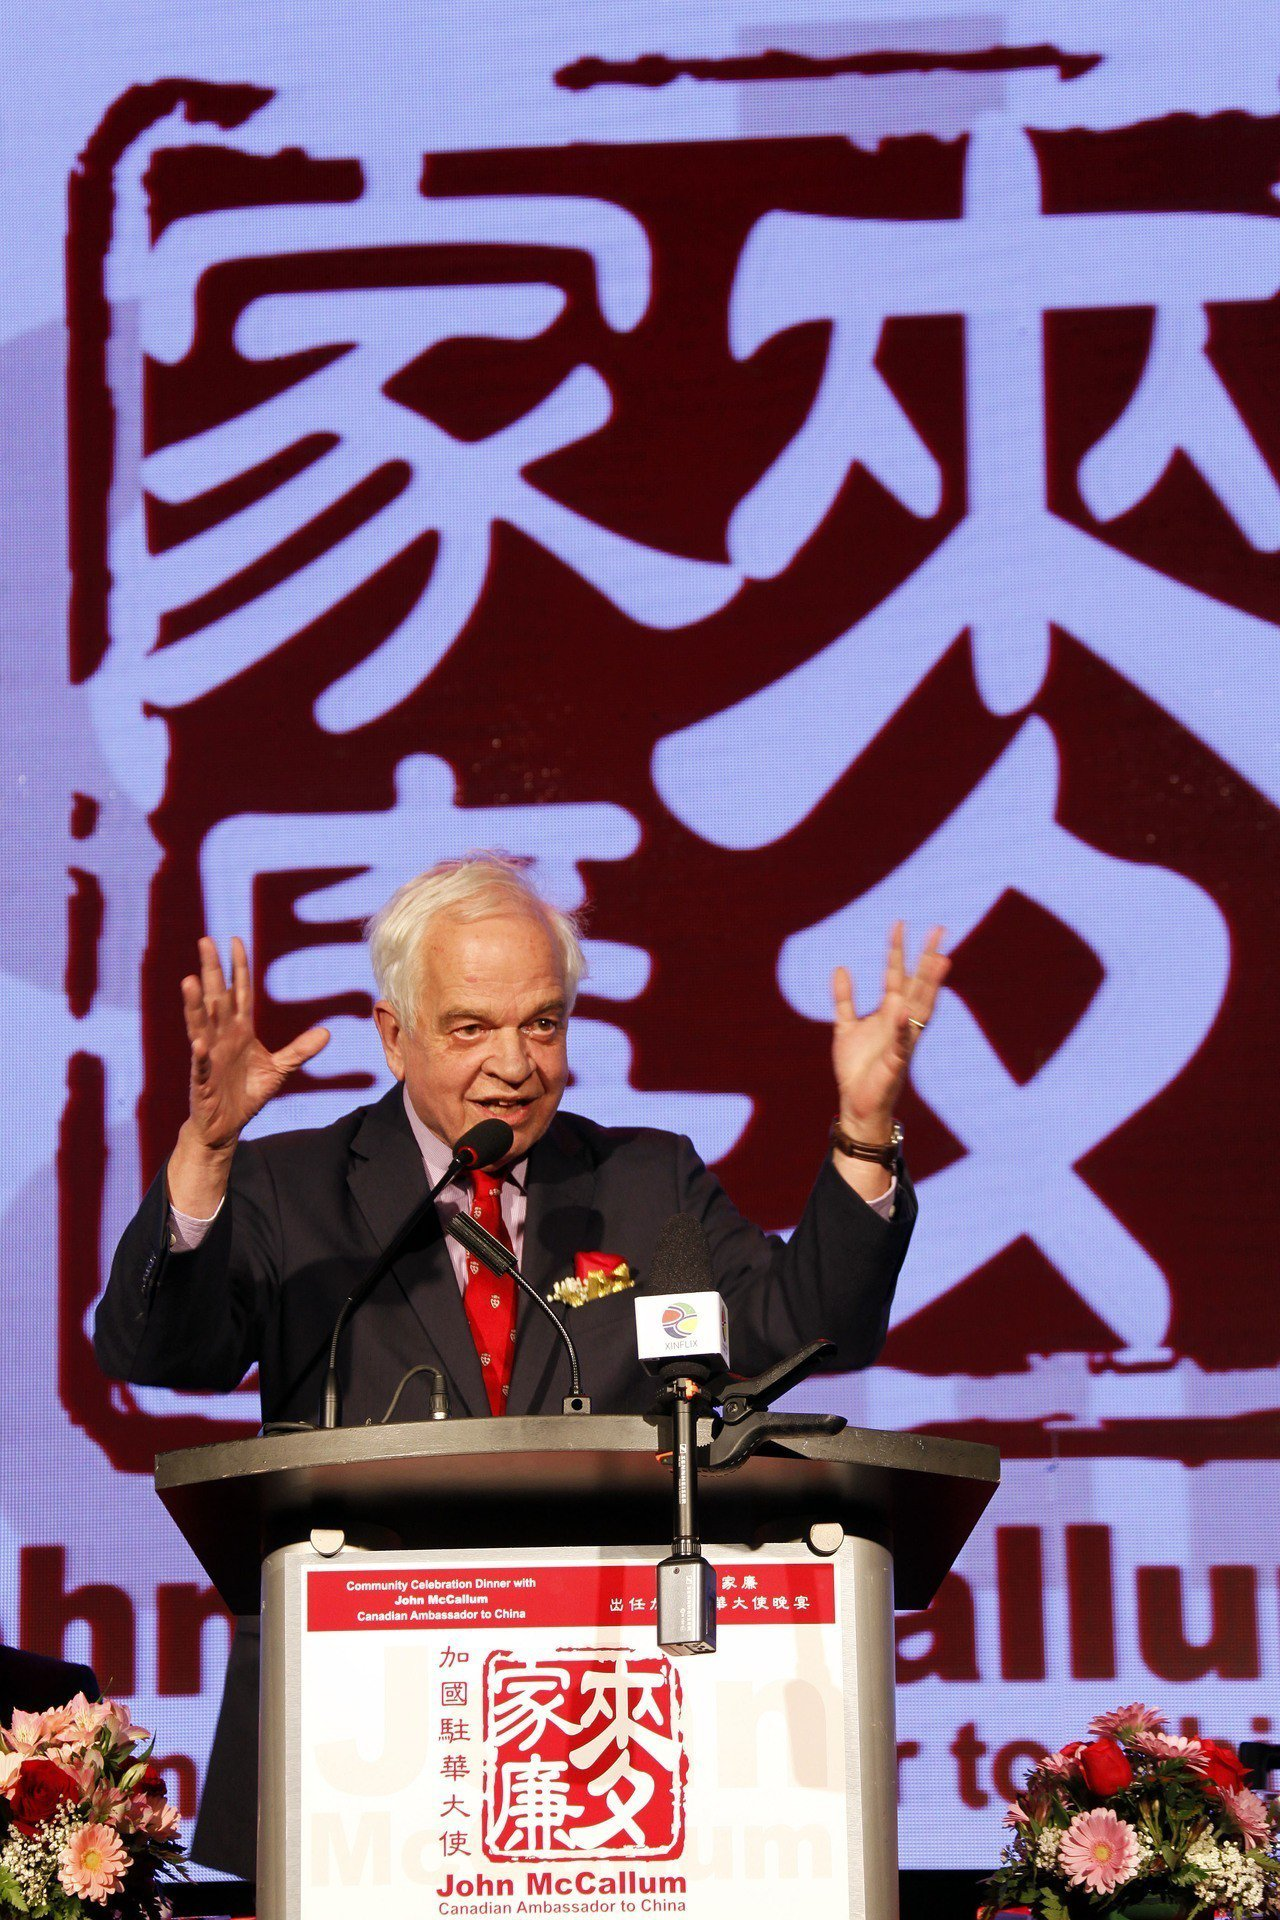 加拿大駐華大使麥家廉對孟晚舟案的論引發爭議,改口稱自己的說法有誤。 中新社